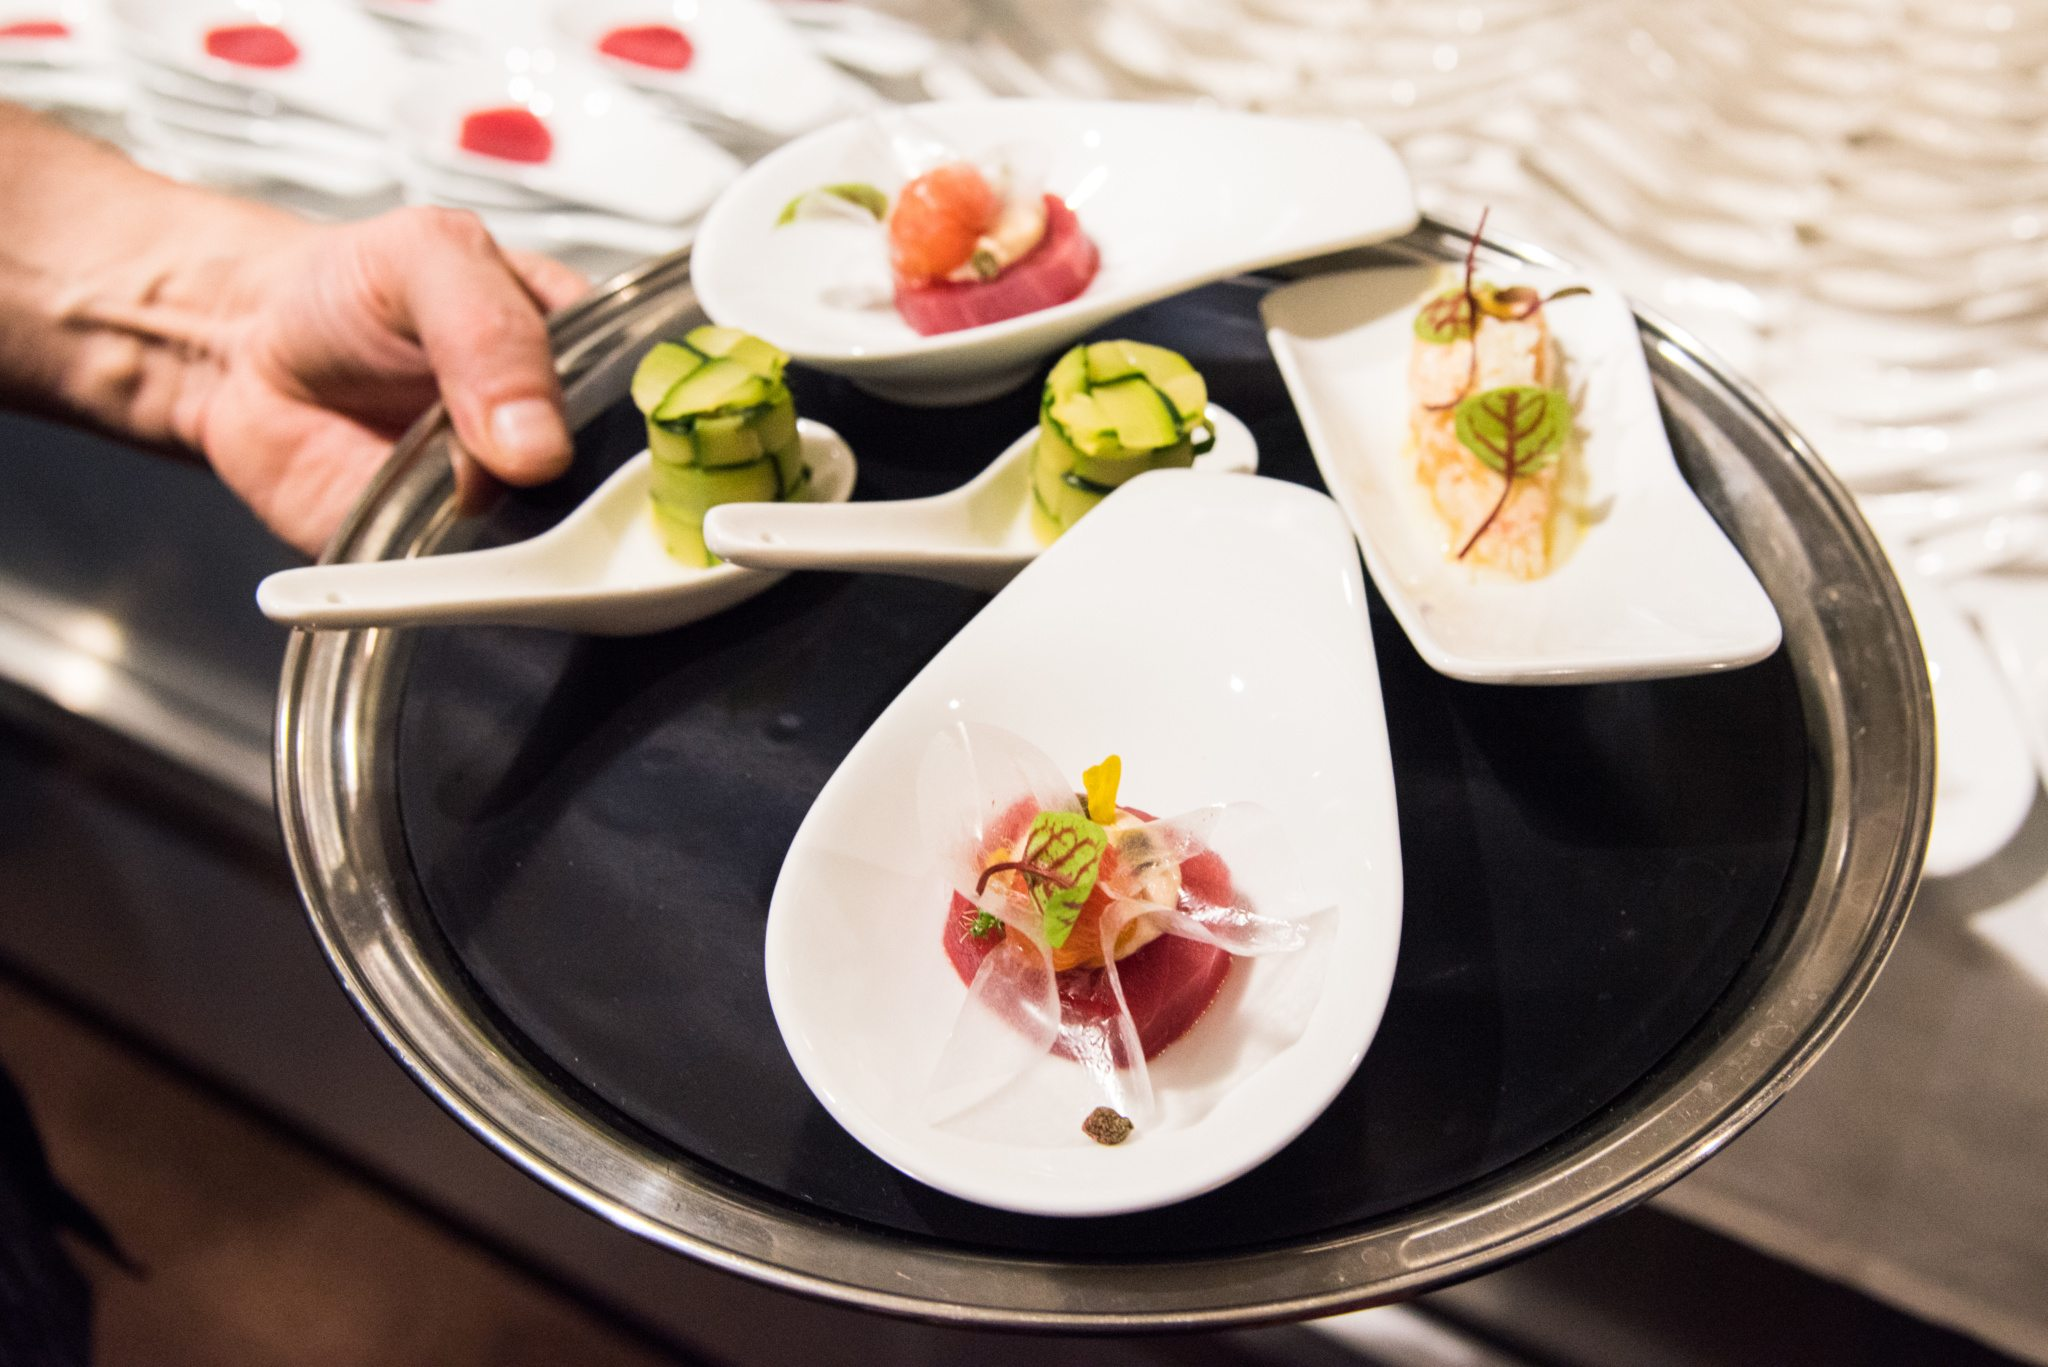 toronto-restaurants-events-sotto-sotto-italian-nino-di-costanzo-snacks-tuna-zucchini-prawn